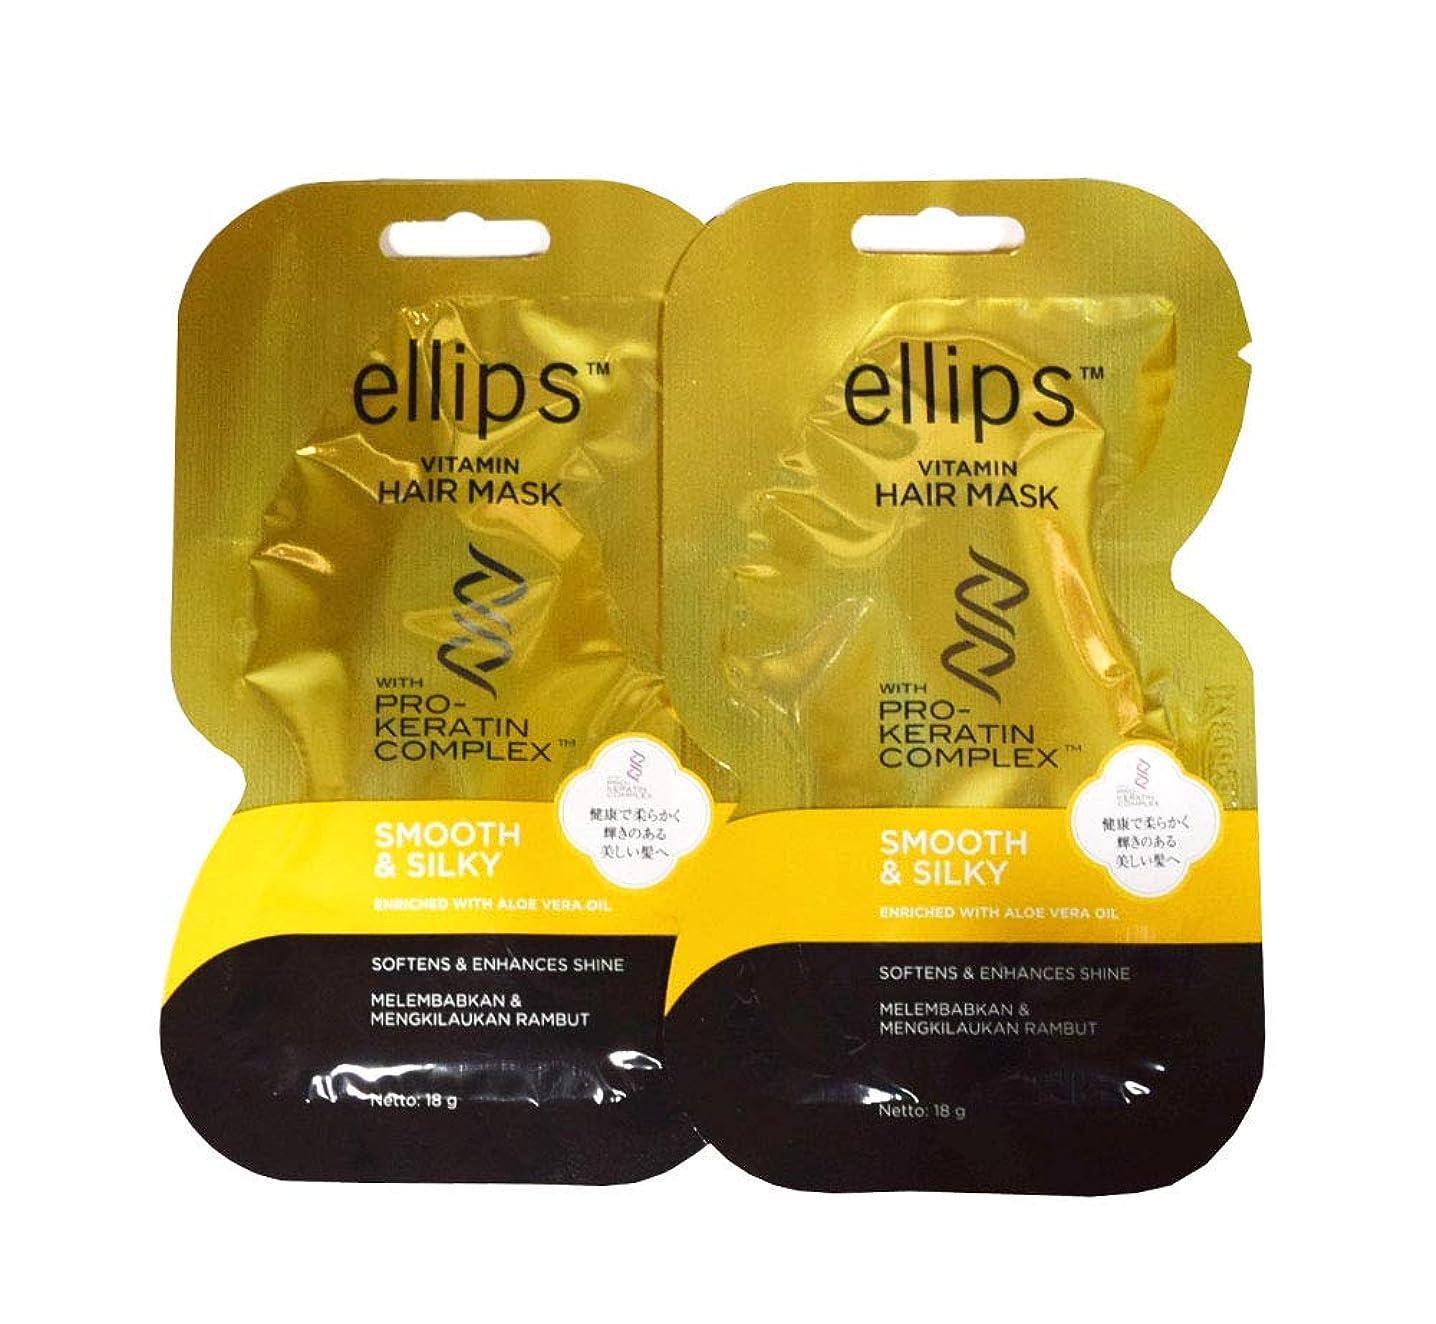 節約する嵐の公園ellips エリップス PRO KERATIN COMPLEX プロ用 ヘアマスク ヘアパック シートタイプ 洗い流すヘアトリートメント ピンク 日本語成分表記 正規品 (イエロー)